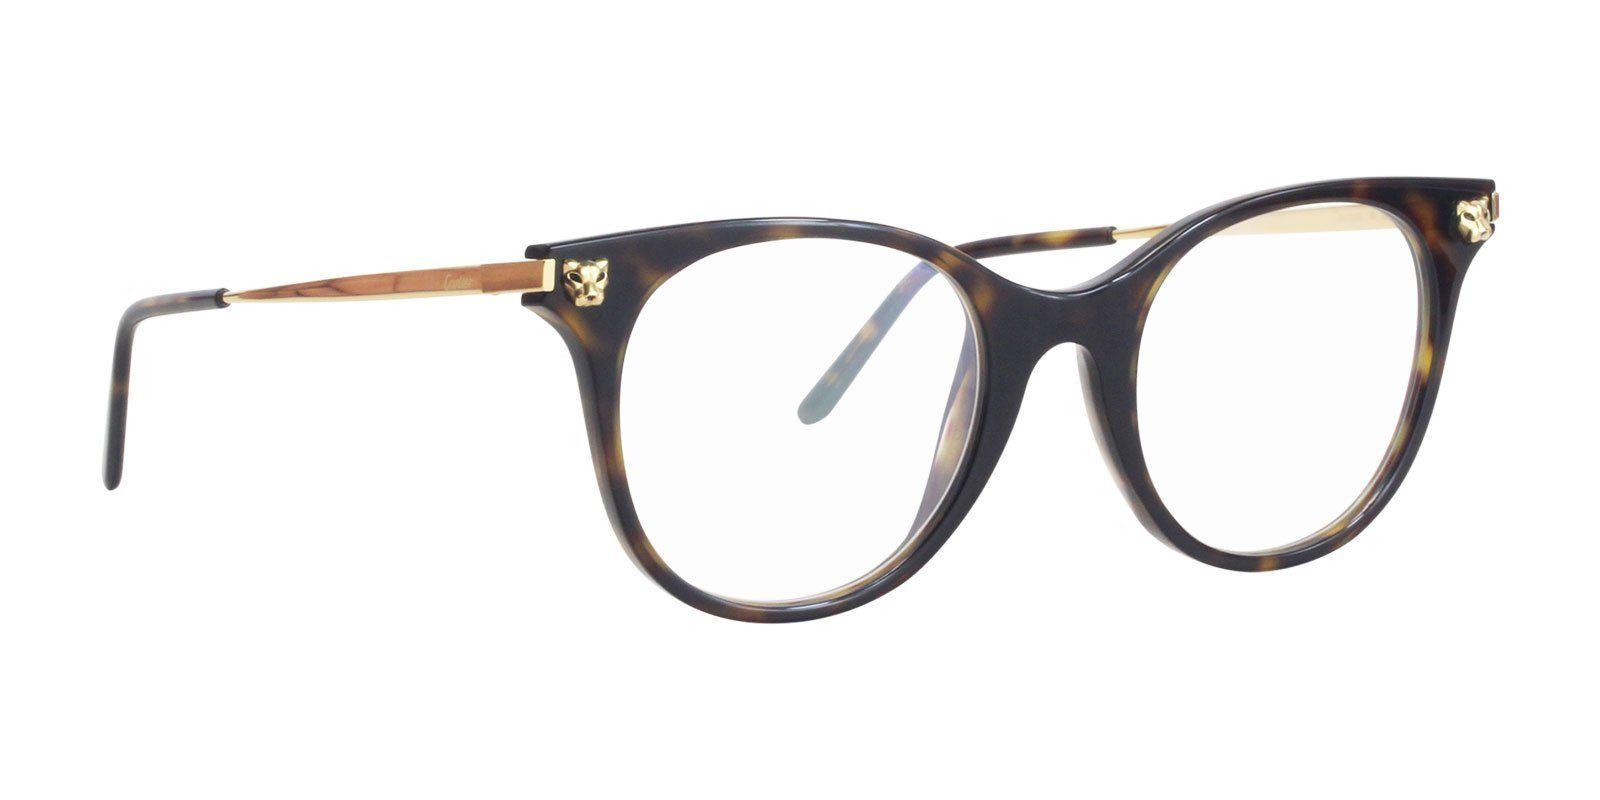 d9a60770c848 Cartier - Panthère de Cartier CT0031O - 002 eyeglasses